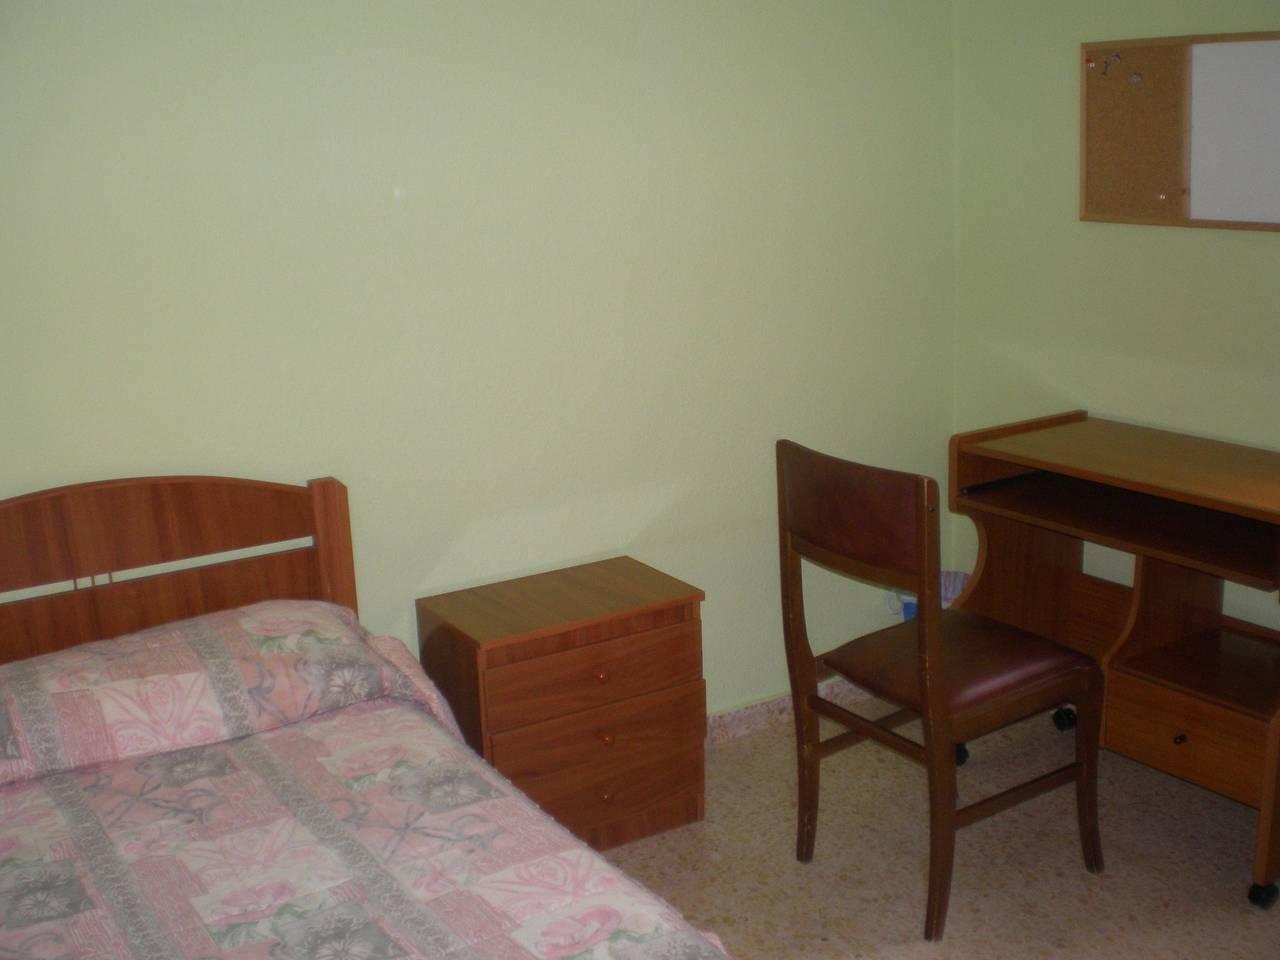 en soria se alquilan una habitacion en piso compartido  - Foto 30